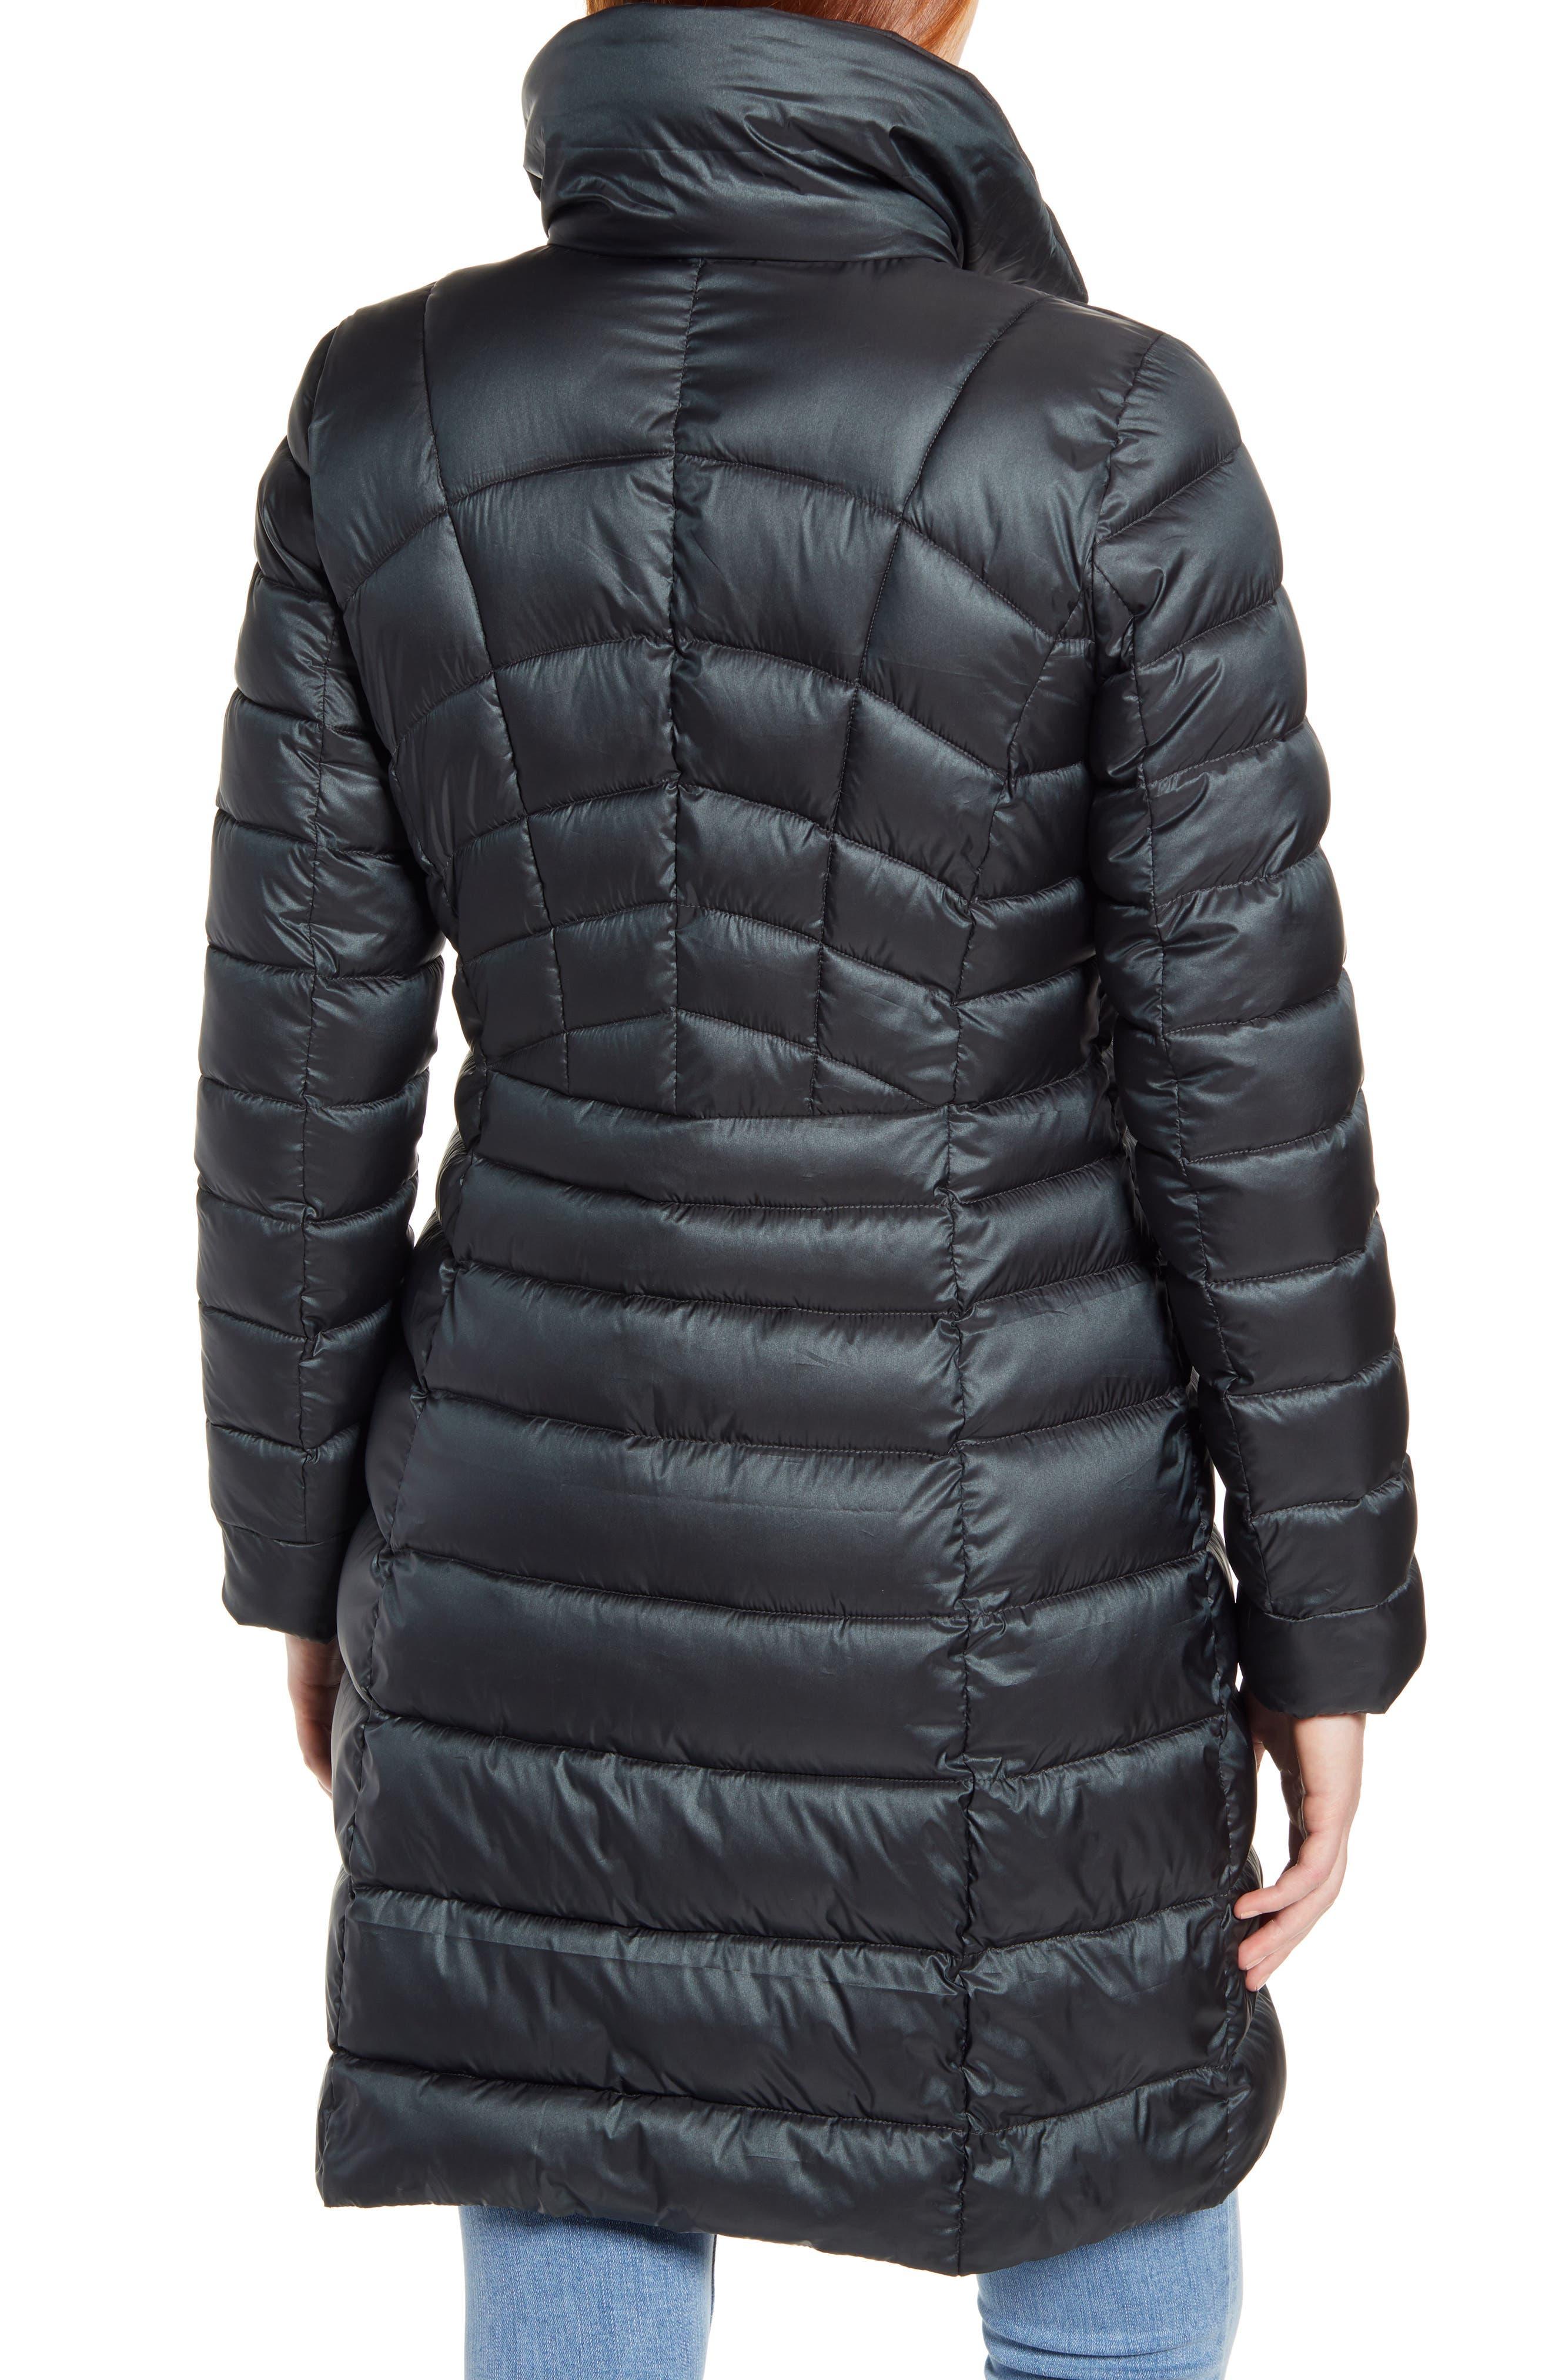 a6f359642b6d5 Women's Bernardo Coats & Jackets | Nordstrom